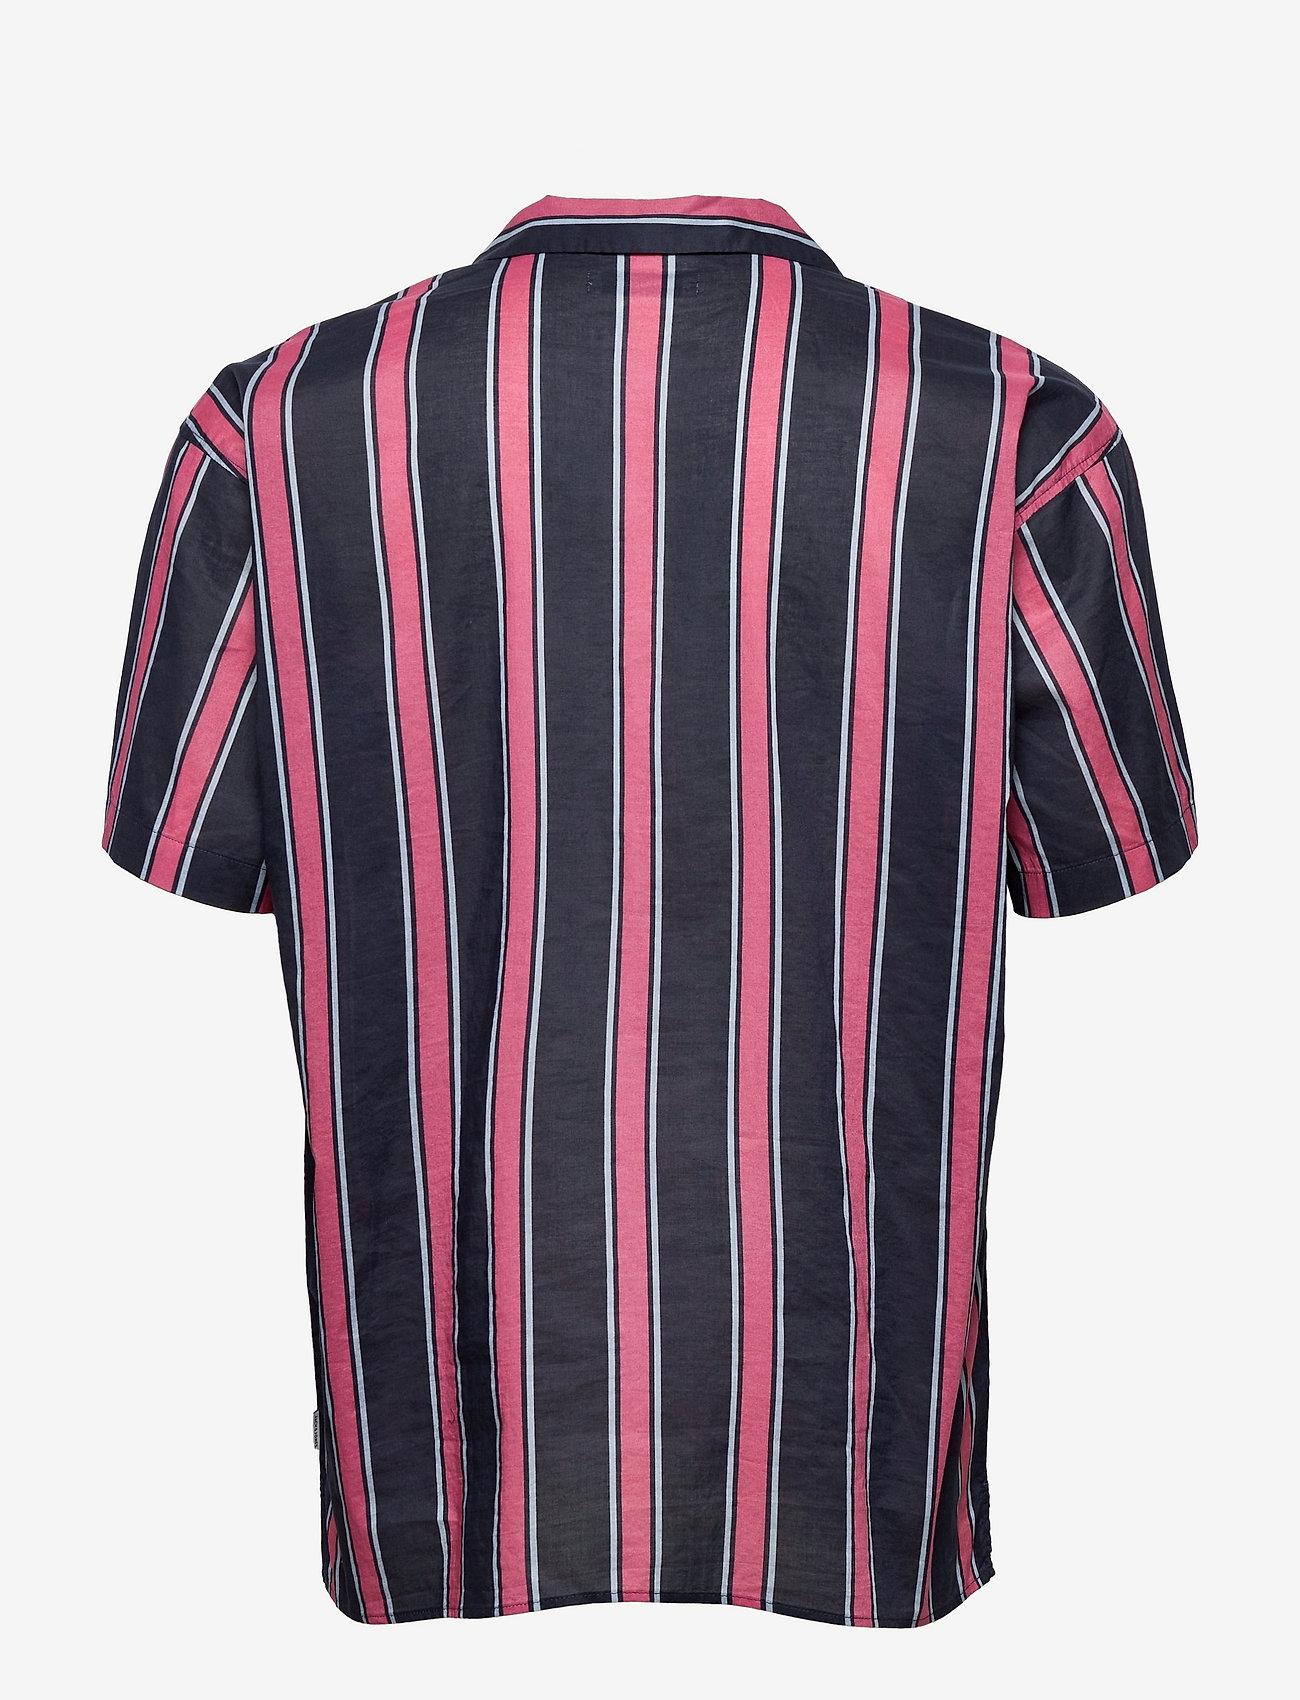 Jack & Jones - JJGREG STRIPE SHIRT SS PLAIN - kortärmade skjortor - slate rose - 1